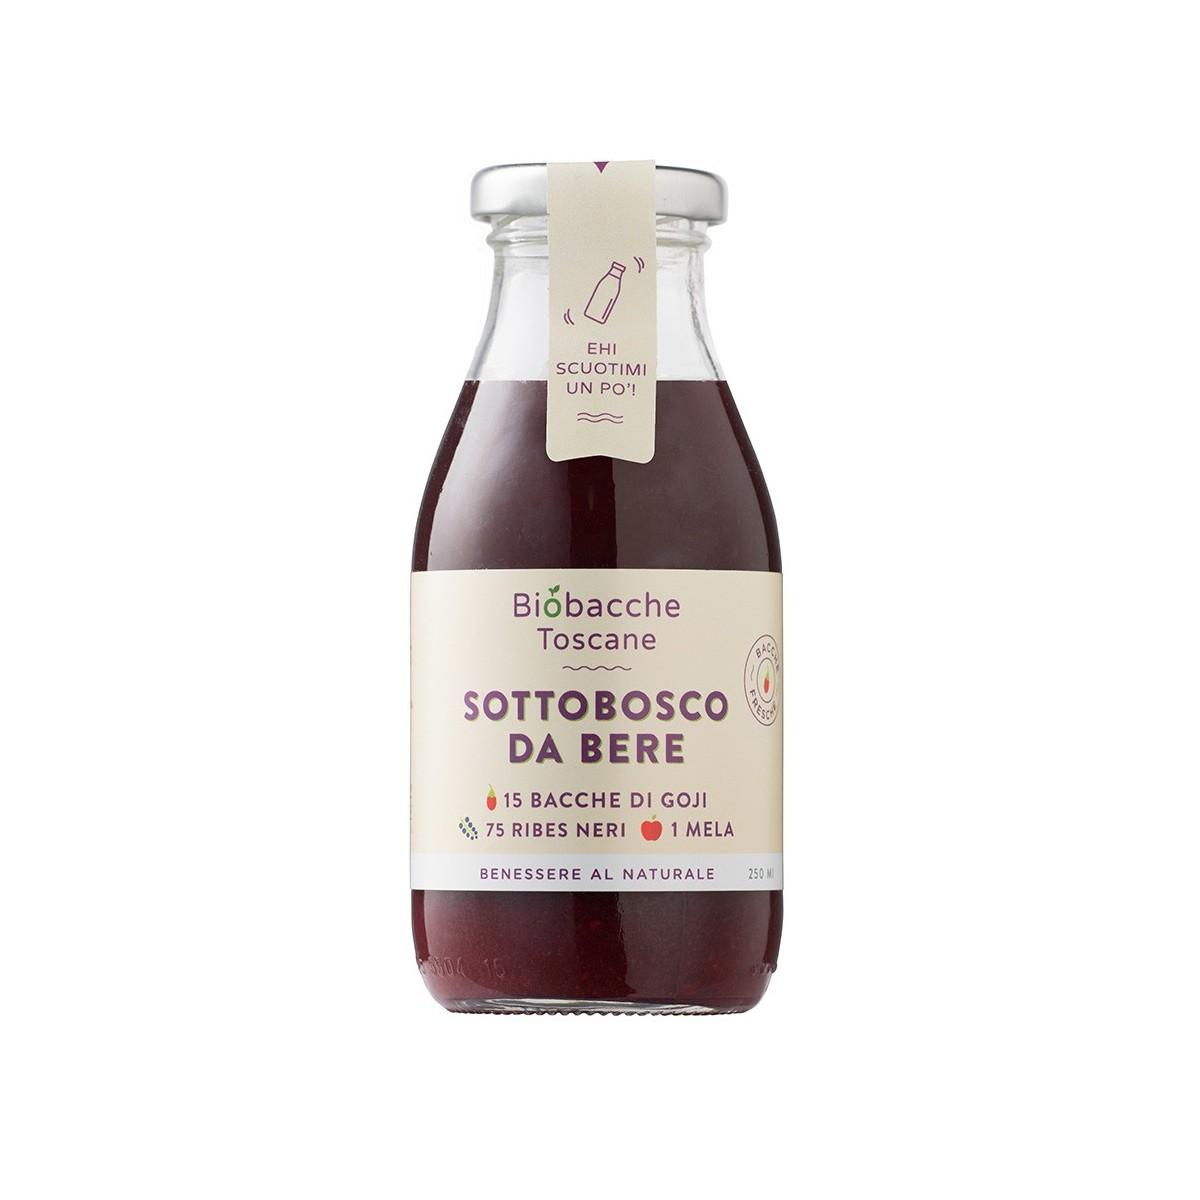 Sottobosco da bere - Estratto di Frutta 15 Bacche di Goji, 75 Ribes Nero, 1 Mela